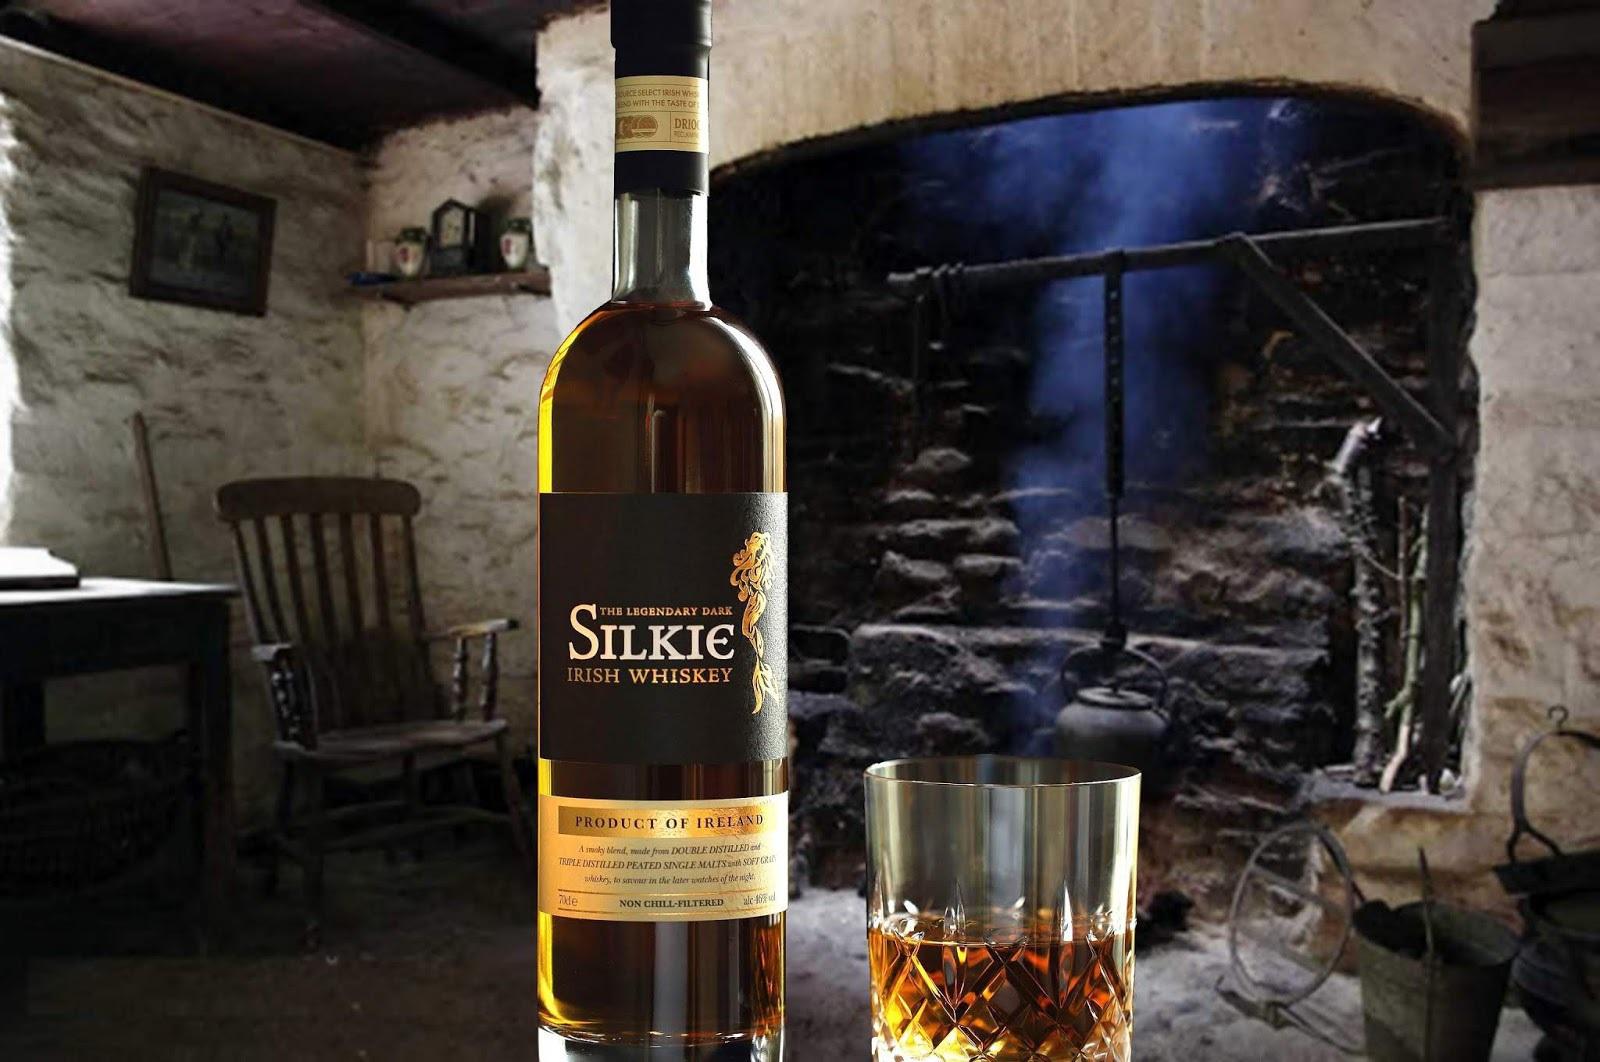 Silkie - The legendary dark